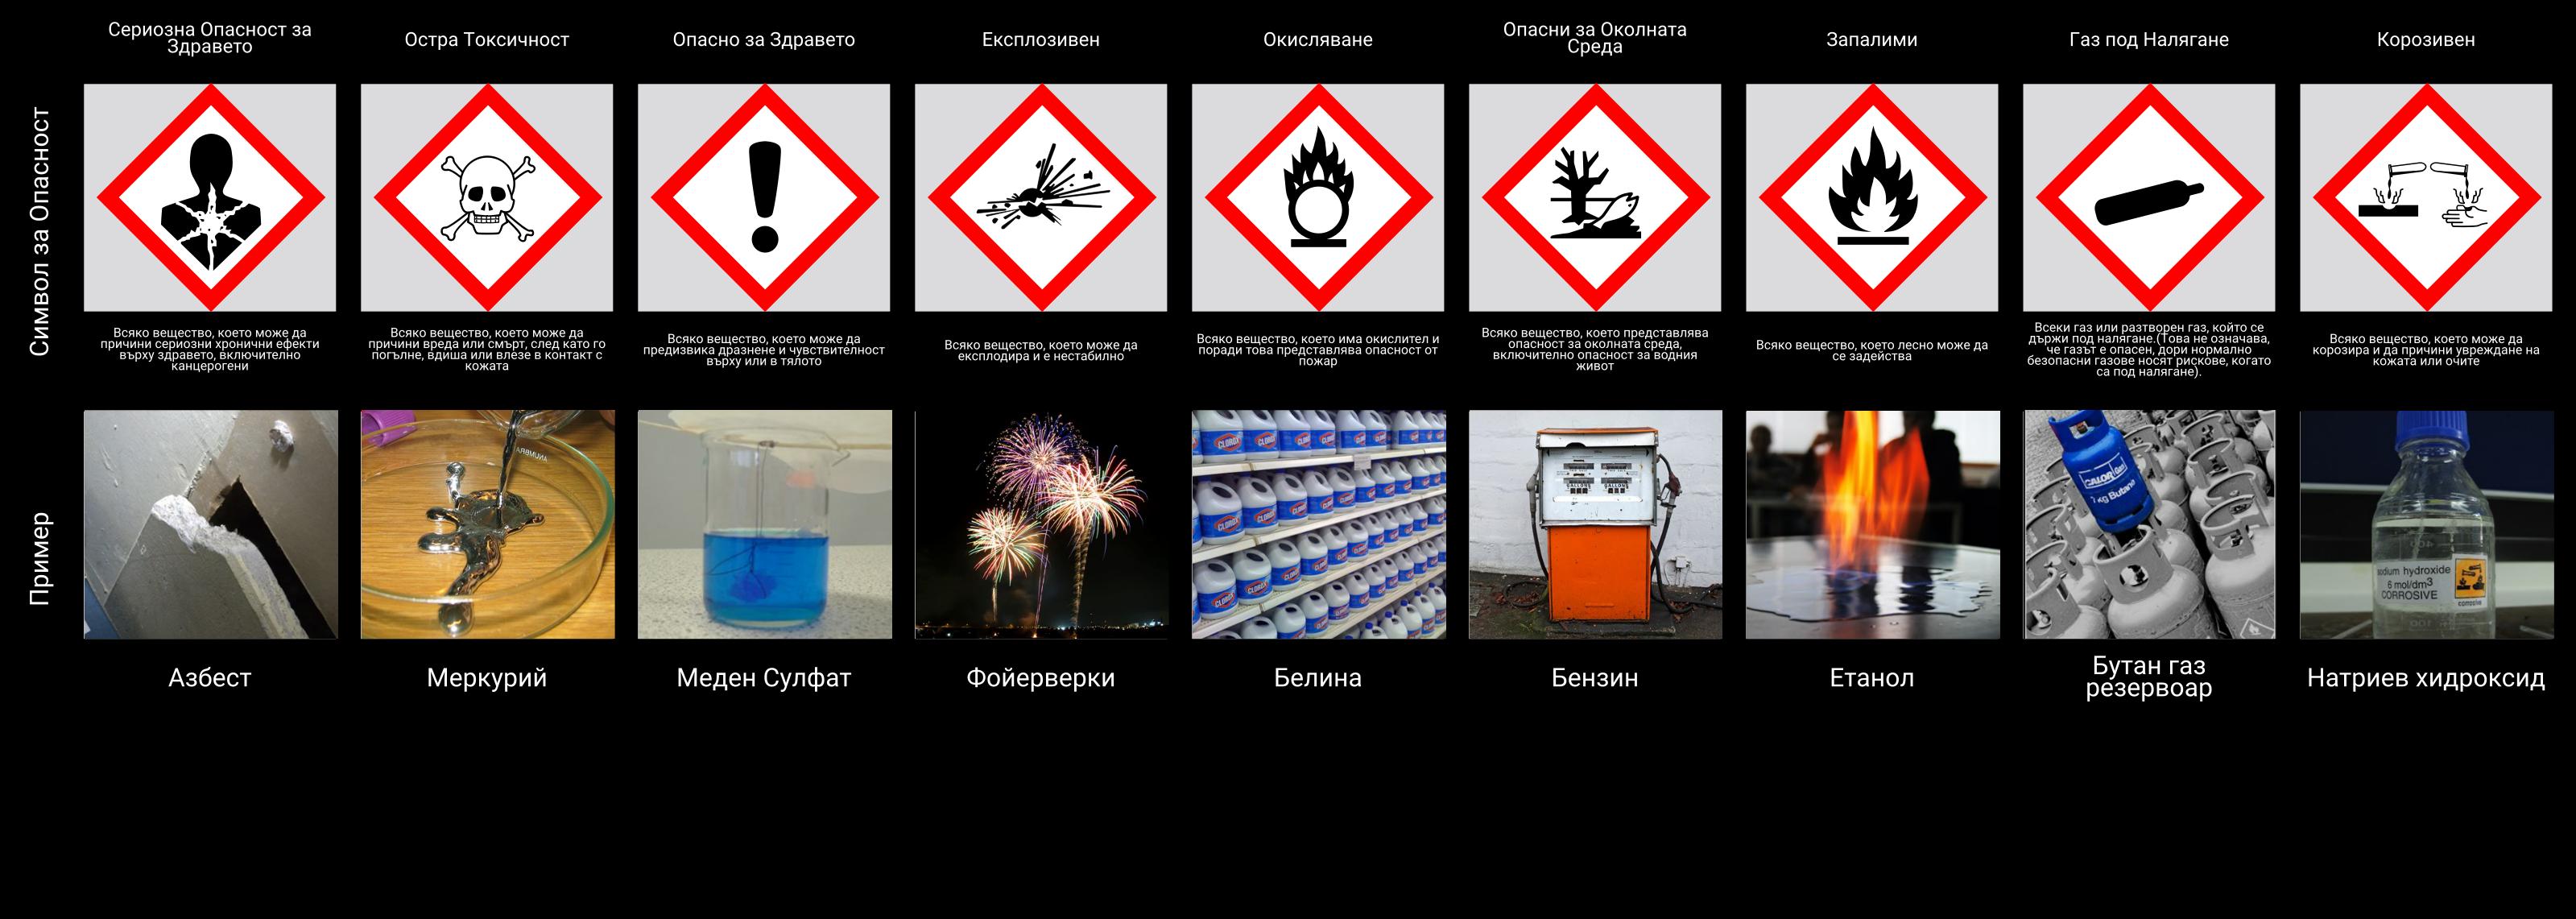 Графика на Символите за Опасност